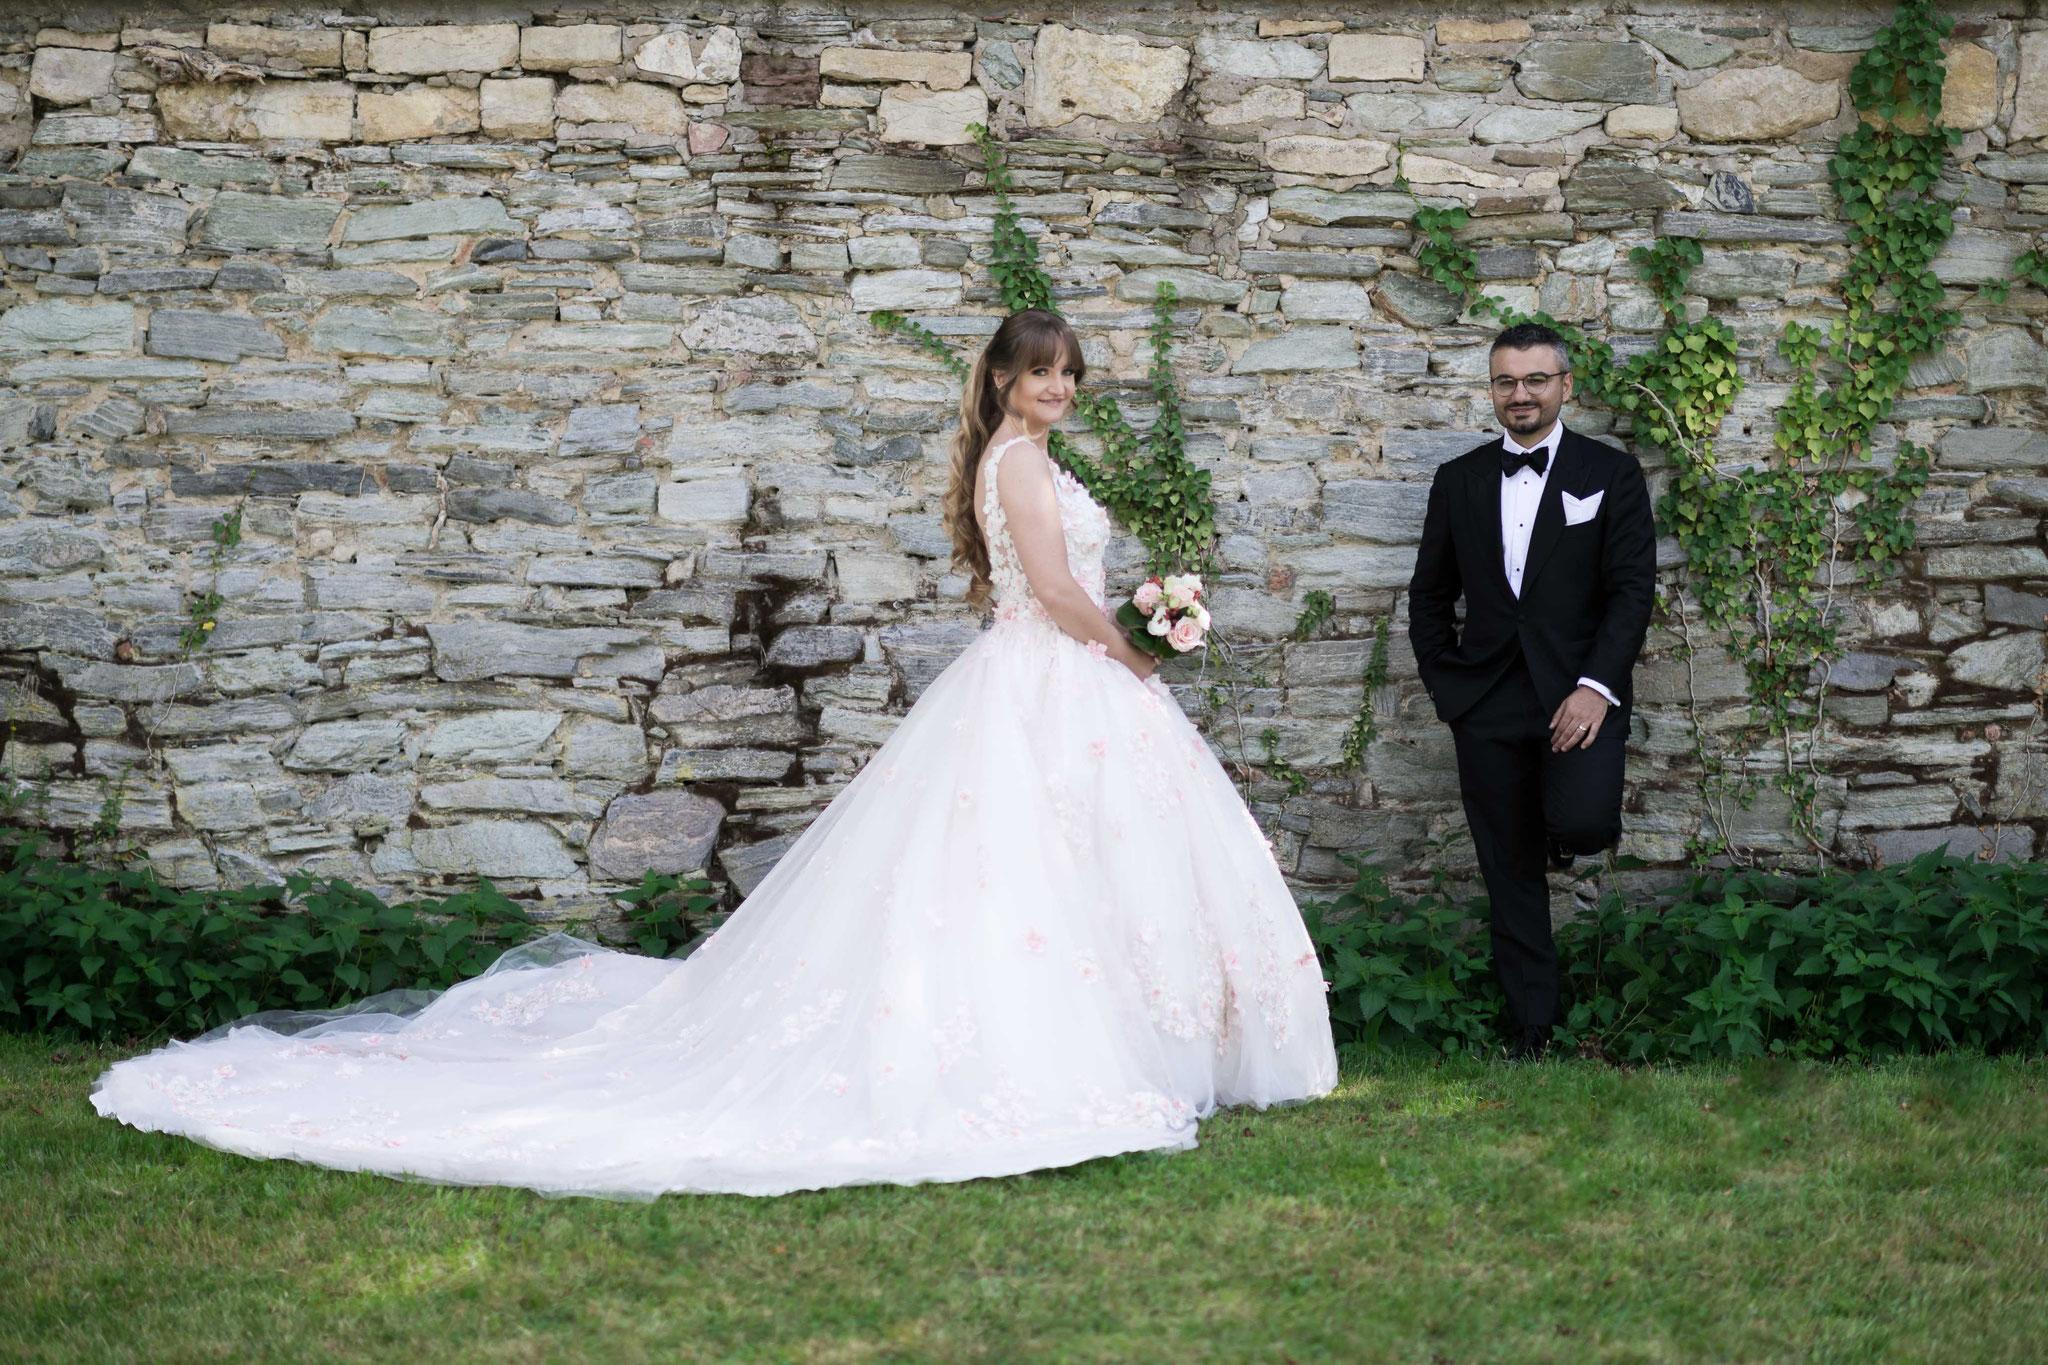 Natürliche Aufnahmen und authentische Farben beim Brautpaar Shooting